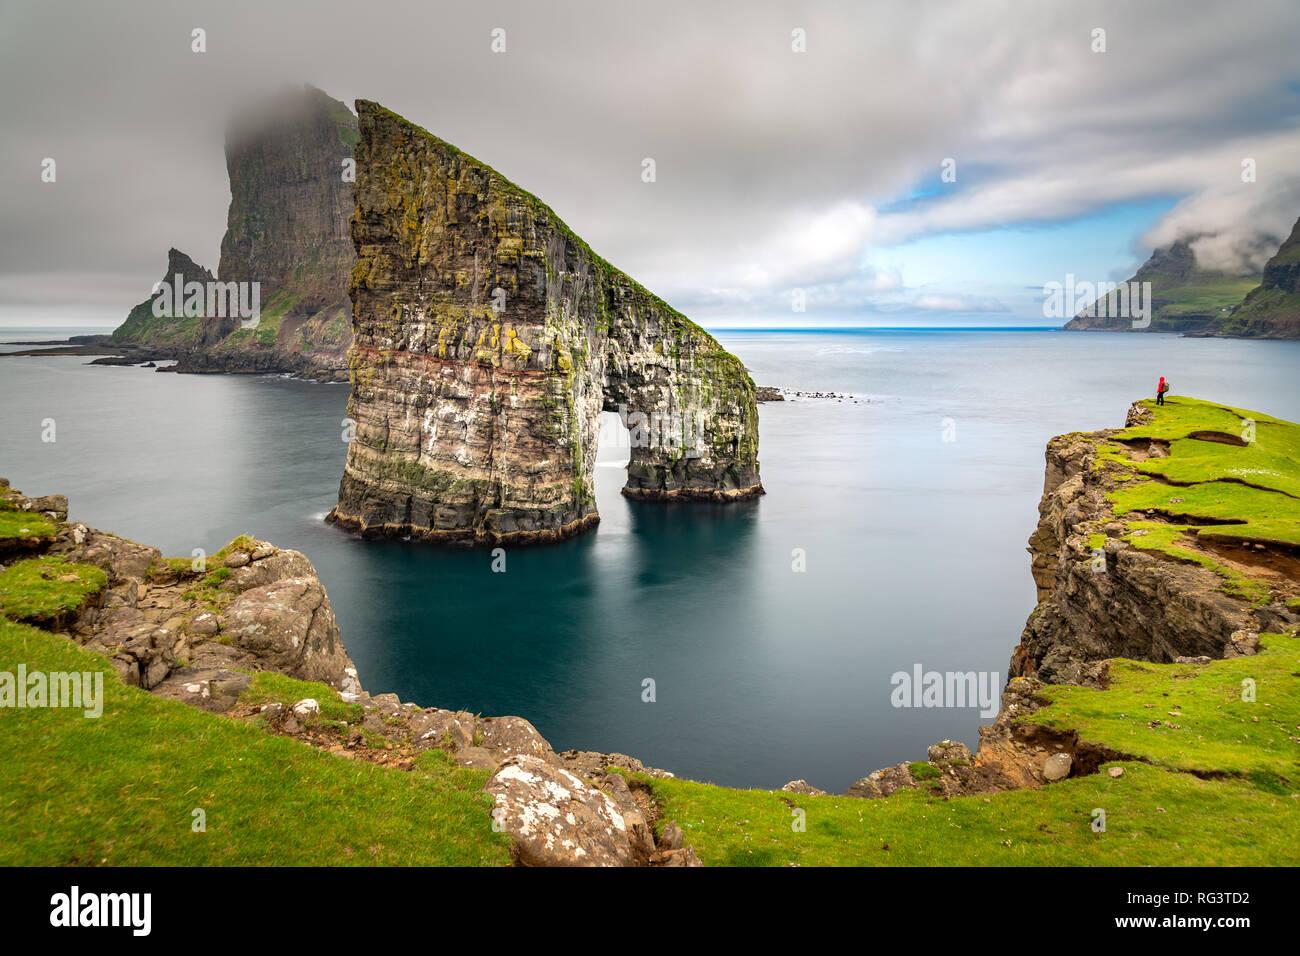 Drangarnir les piles de la mer, îles Féroé, paysage. L'Europe sauvage Photo Stock